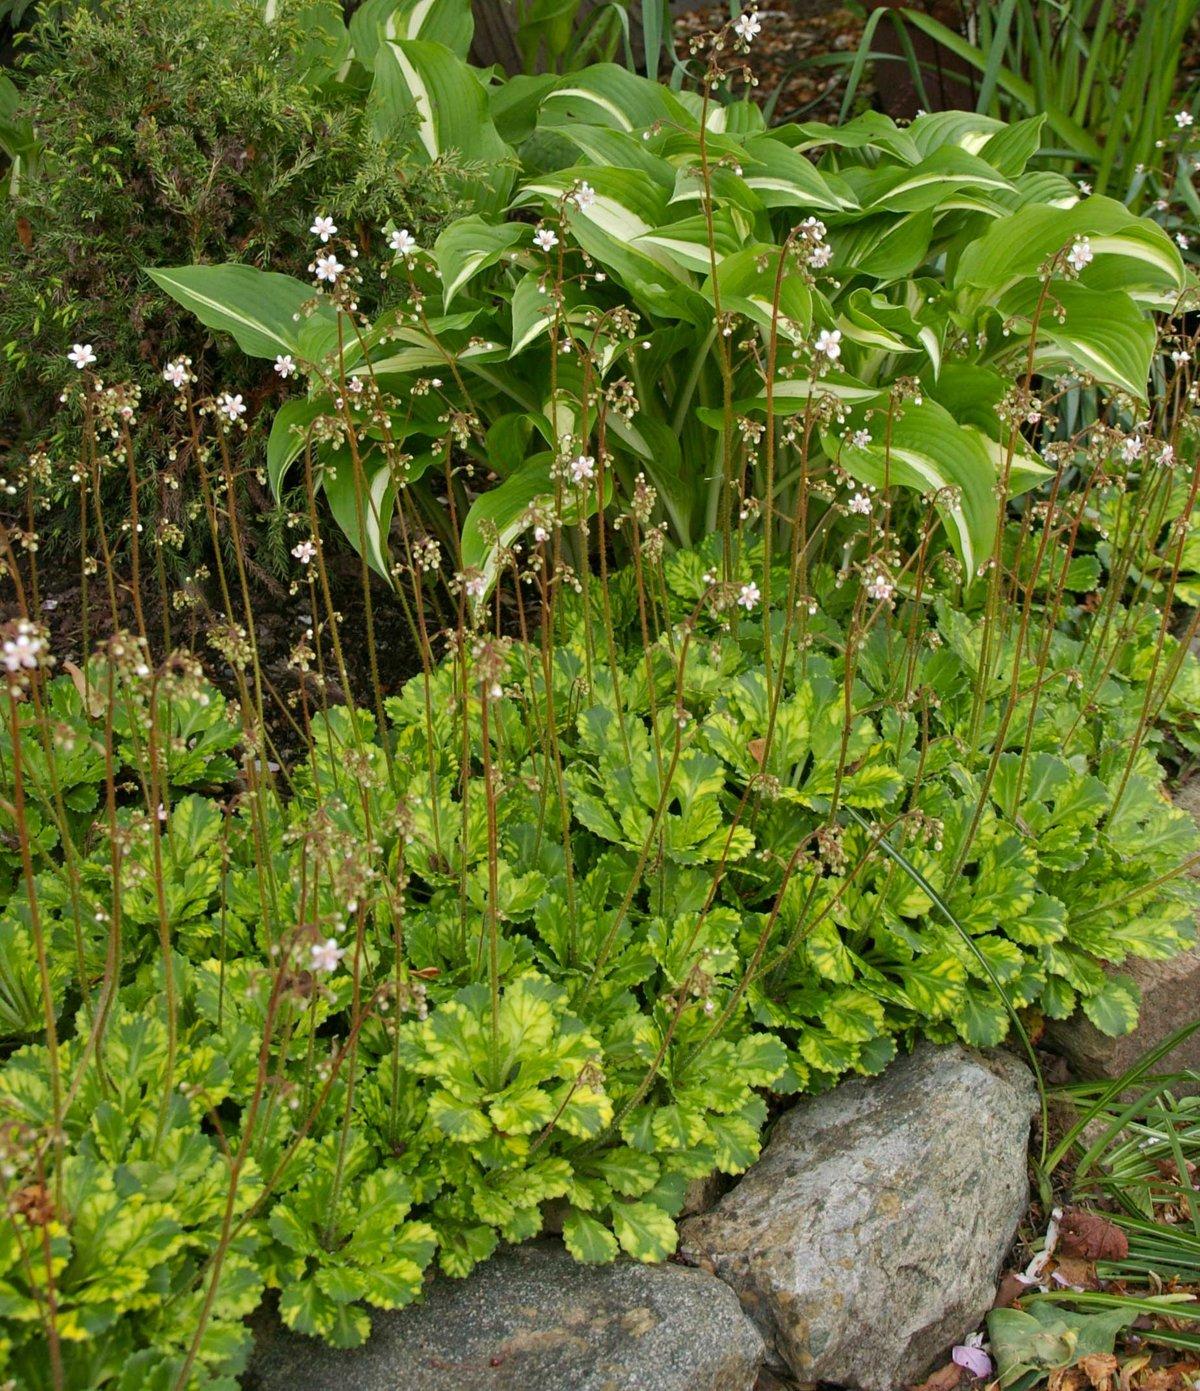 садовые тенелюбивые цветы фото и названия можете скачать слушать